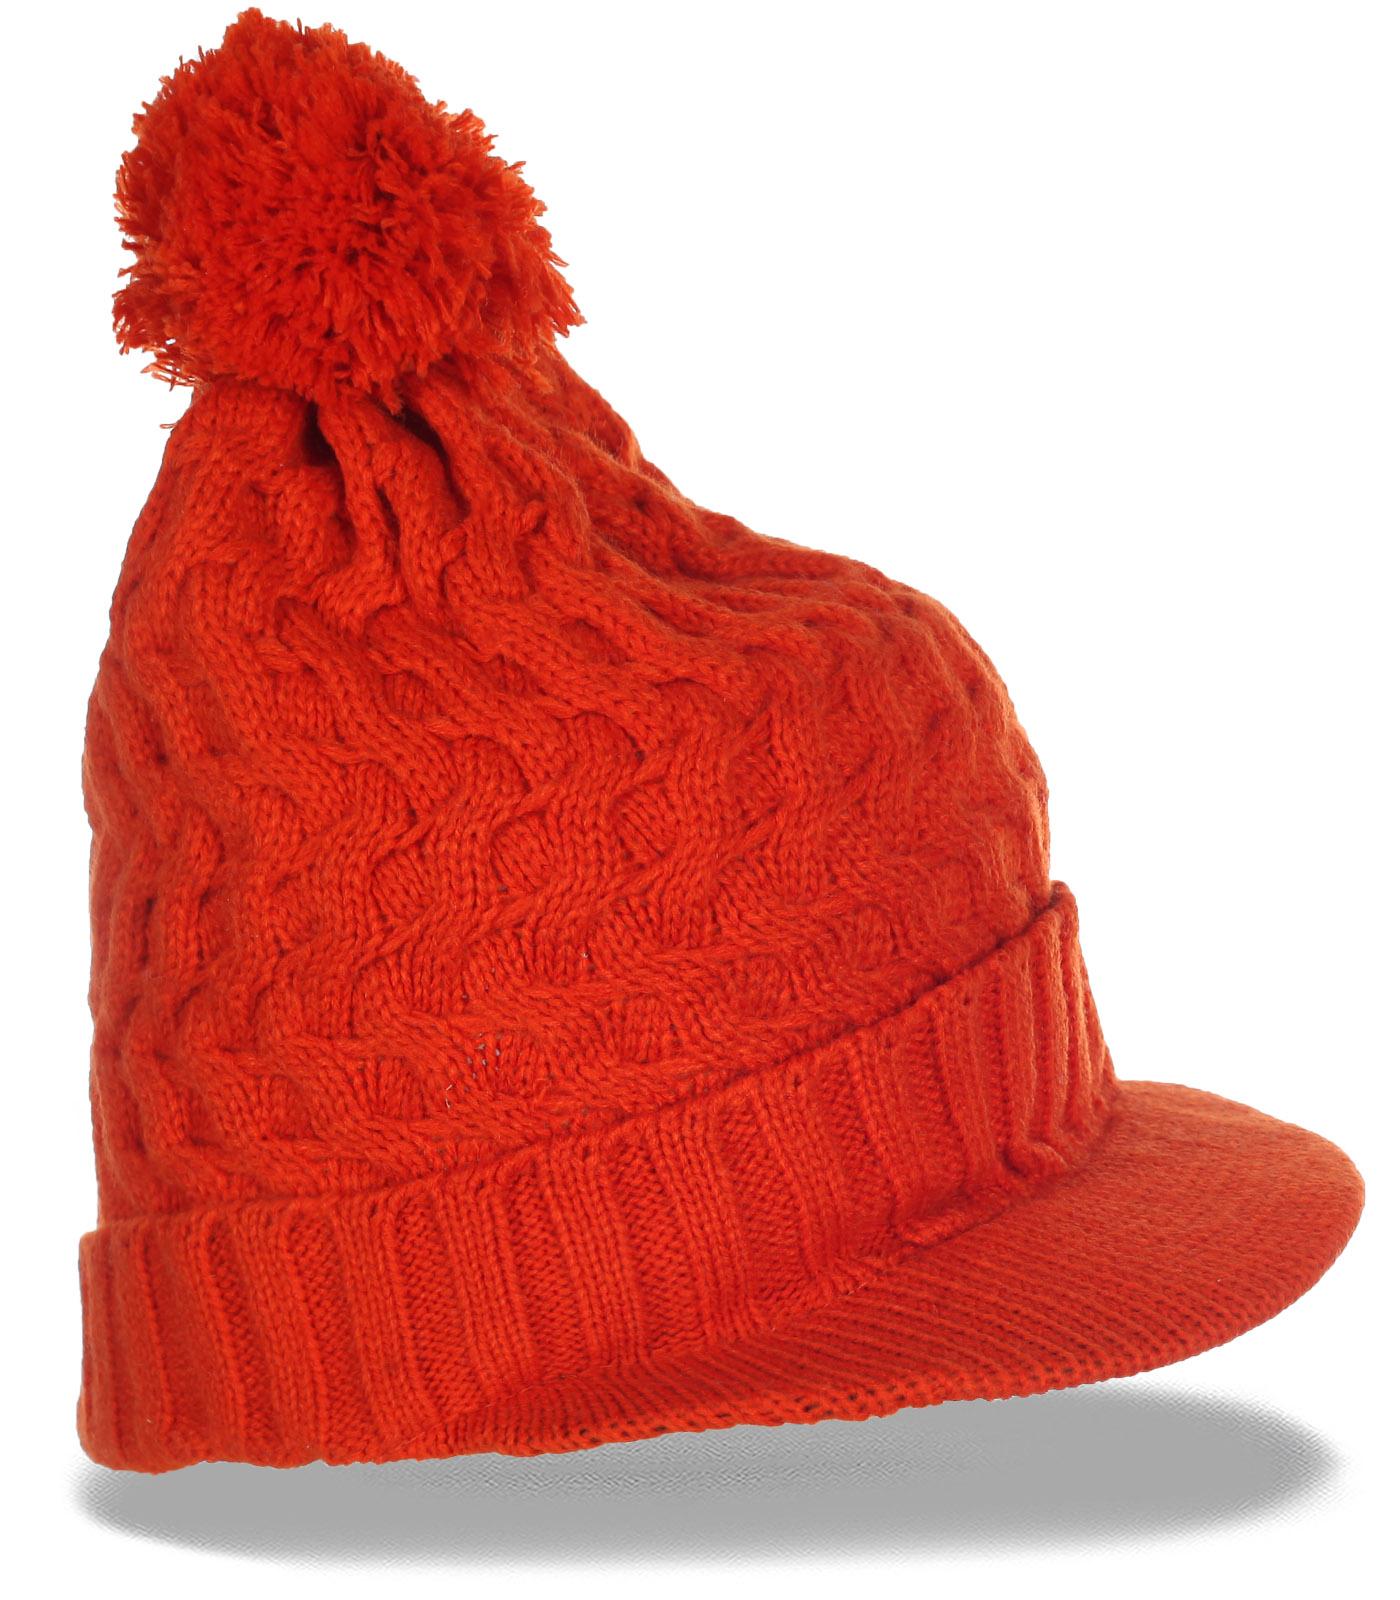 Яркая шапка-кепка для эффектных девушек. Заказывай и будь в центре внимания!